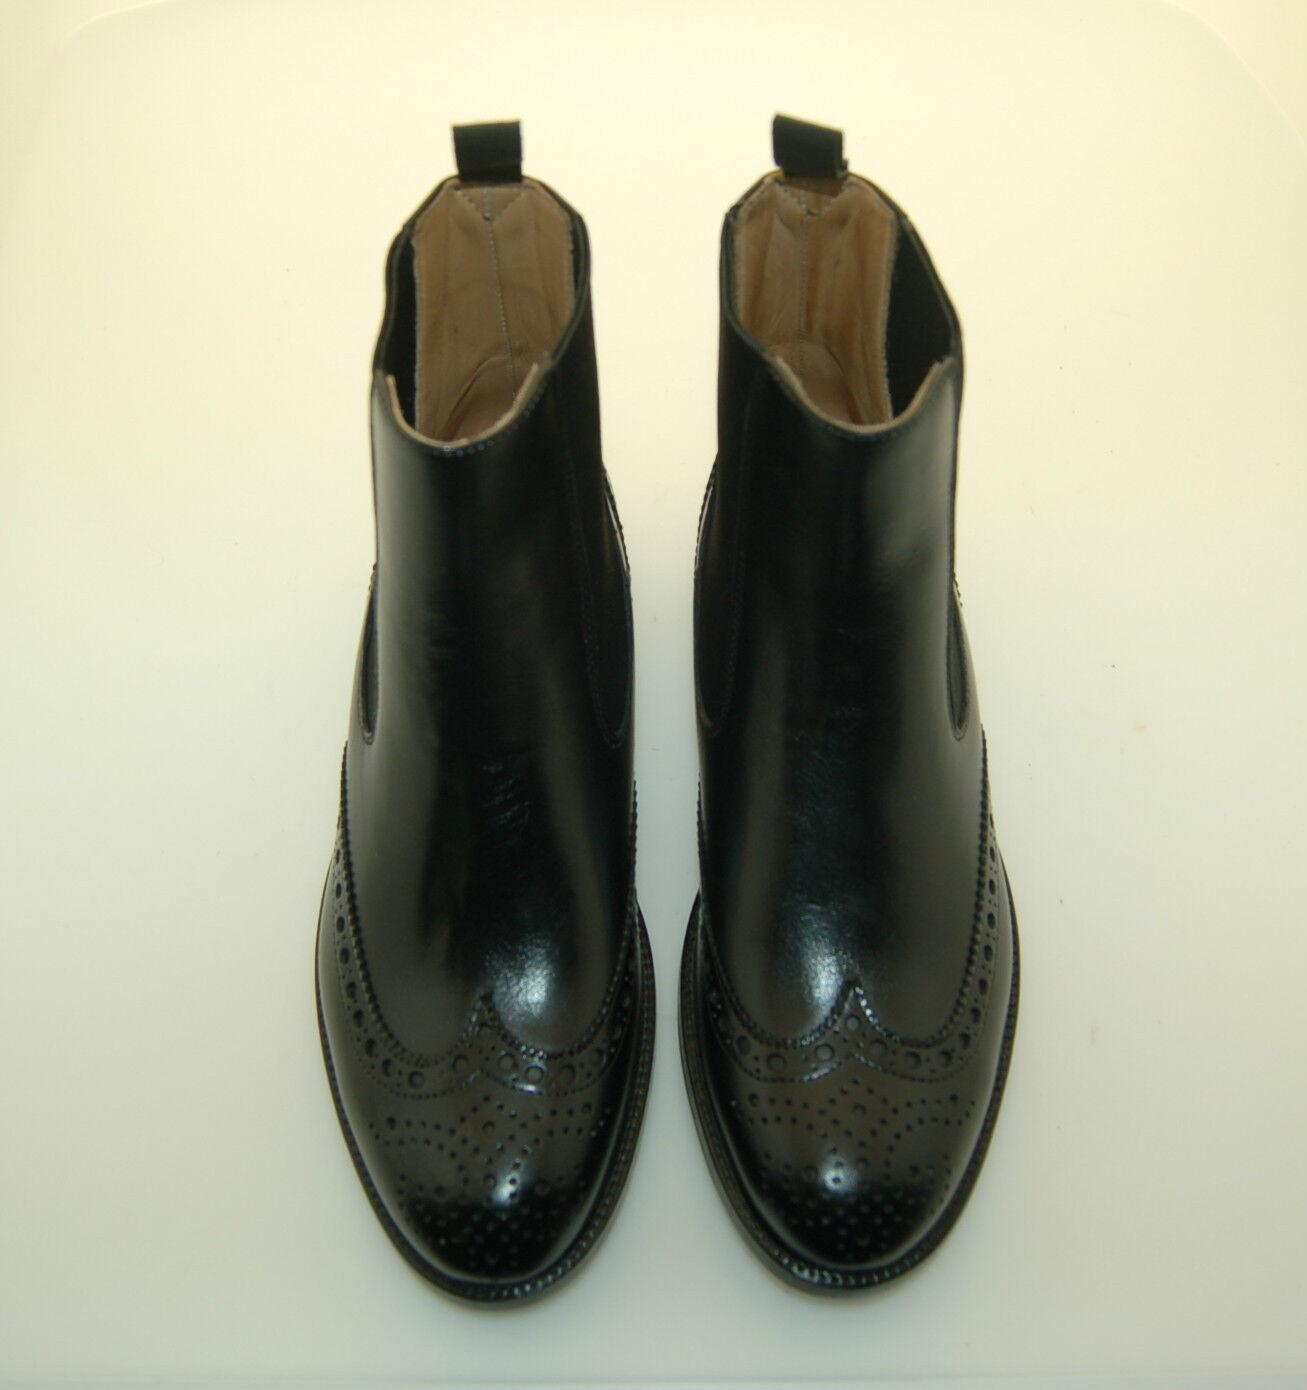 WOMAN - BEATLES - STIVALETTO - negro CALF - VITELLO VITELLO VITELLO negro - LTH SOLE+½RUBBER d2fcba